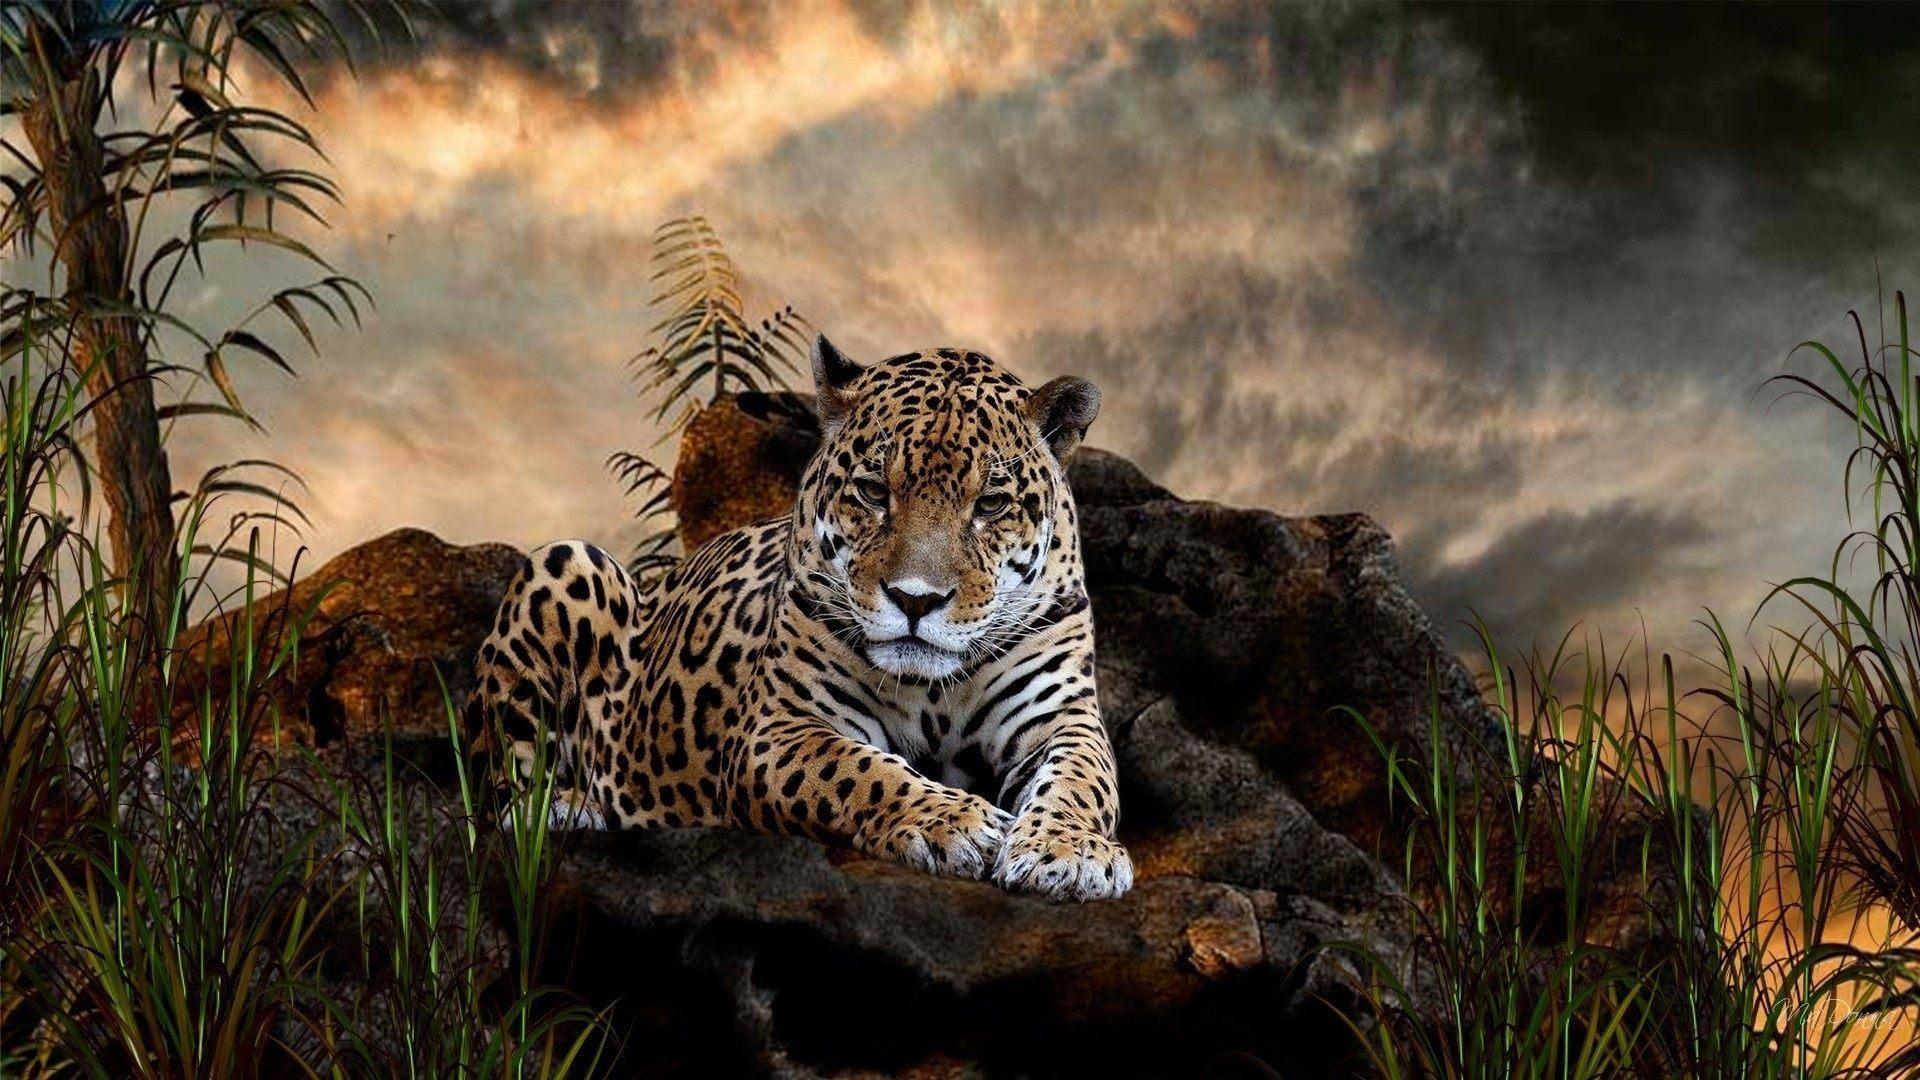 Как выглядит ягуар животное фото